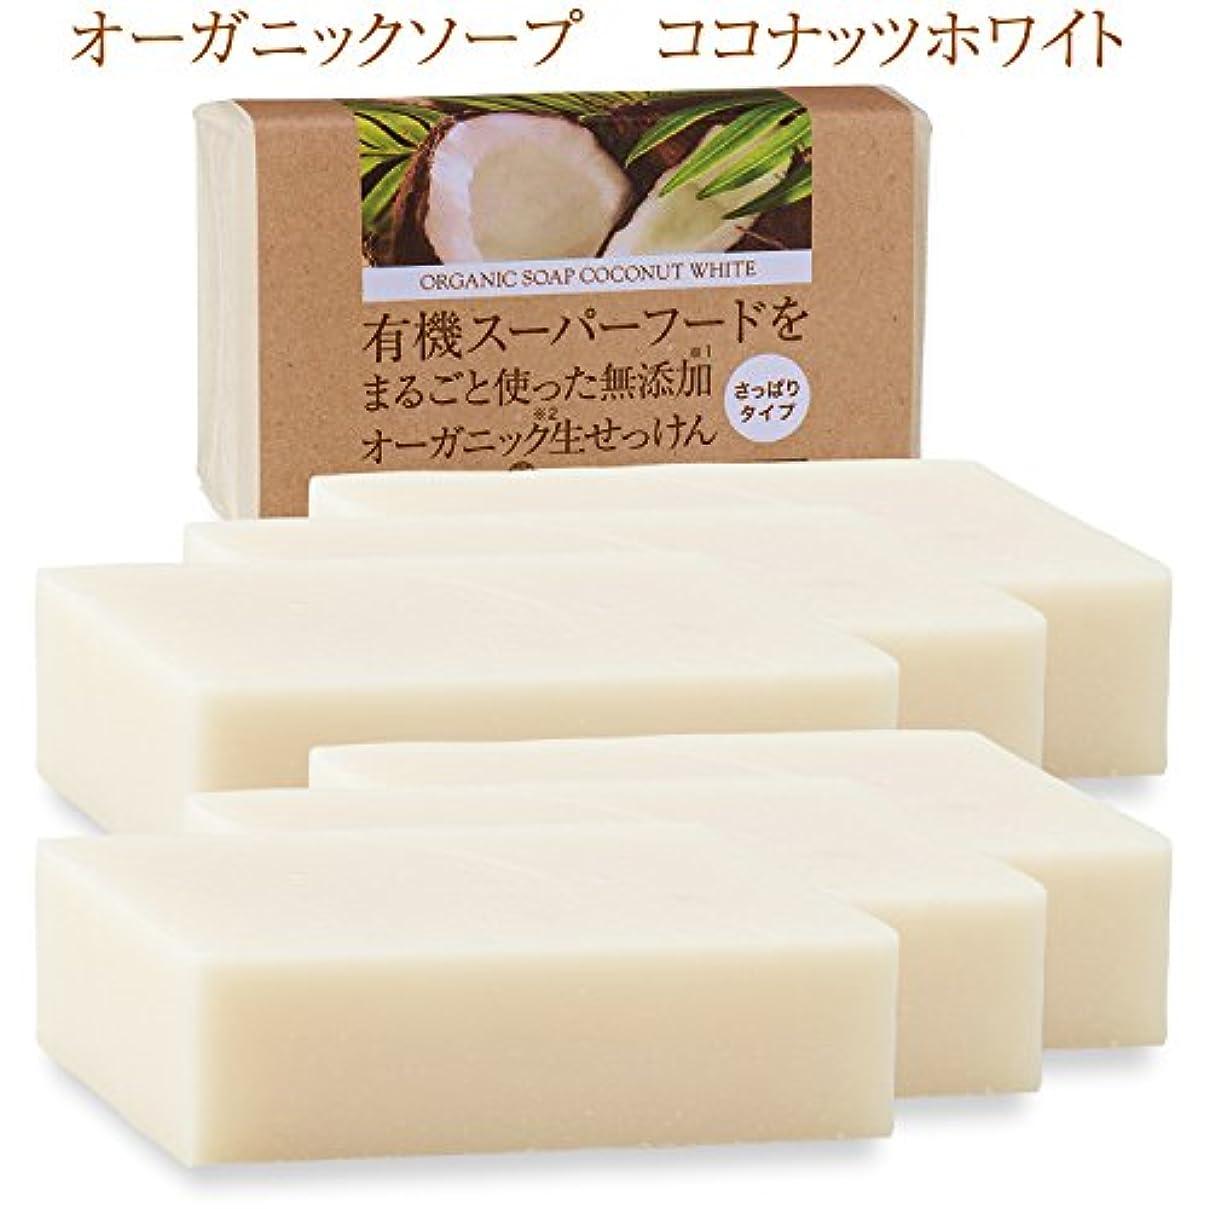 地球玉トレーダー有機ココナッツオイルをまるごと使った無添加オーガニック生せっけん(枠練)Organic Raw Soap Coconut White 80g 6個 コールドプロセス製法 (日本製)メール便